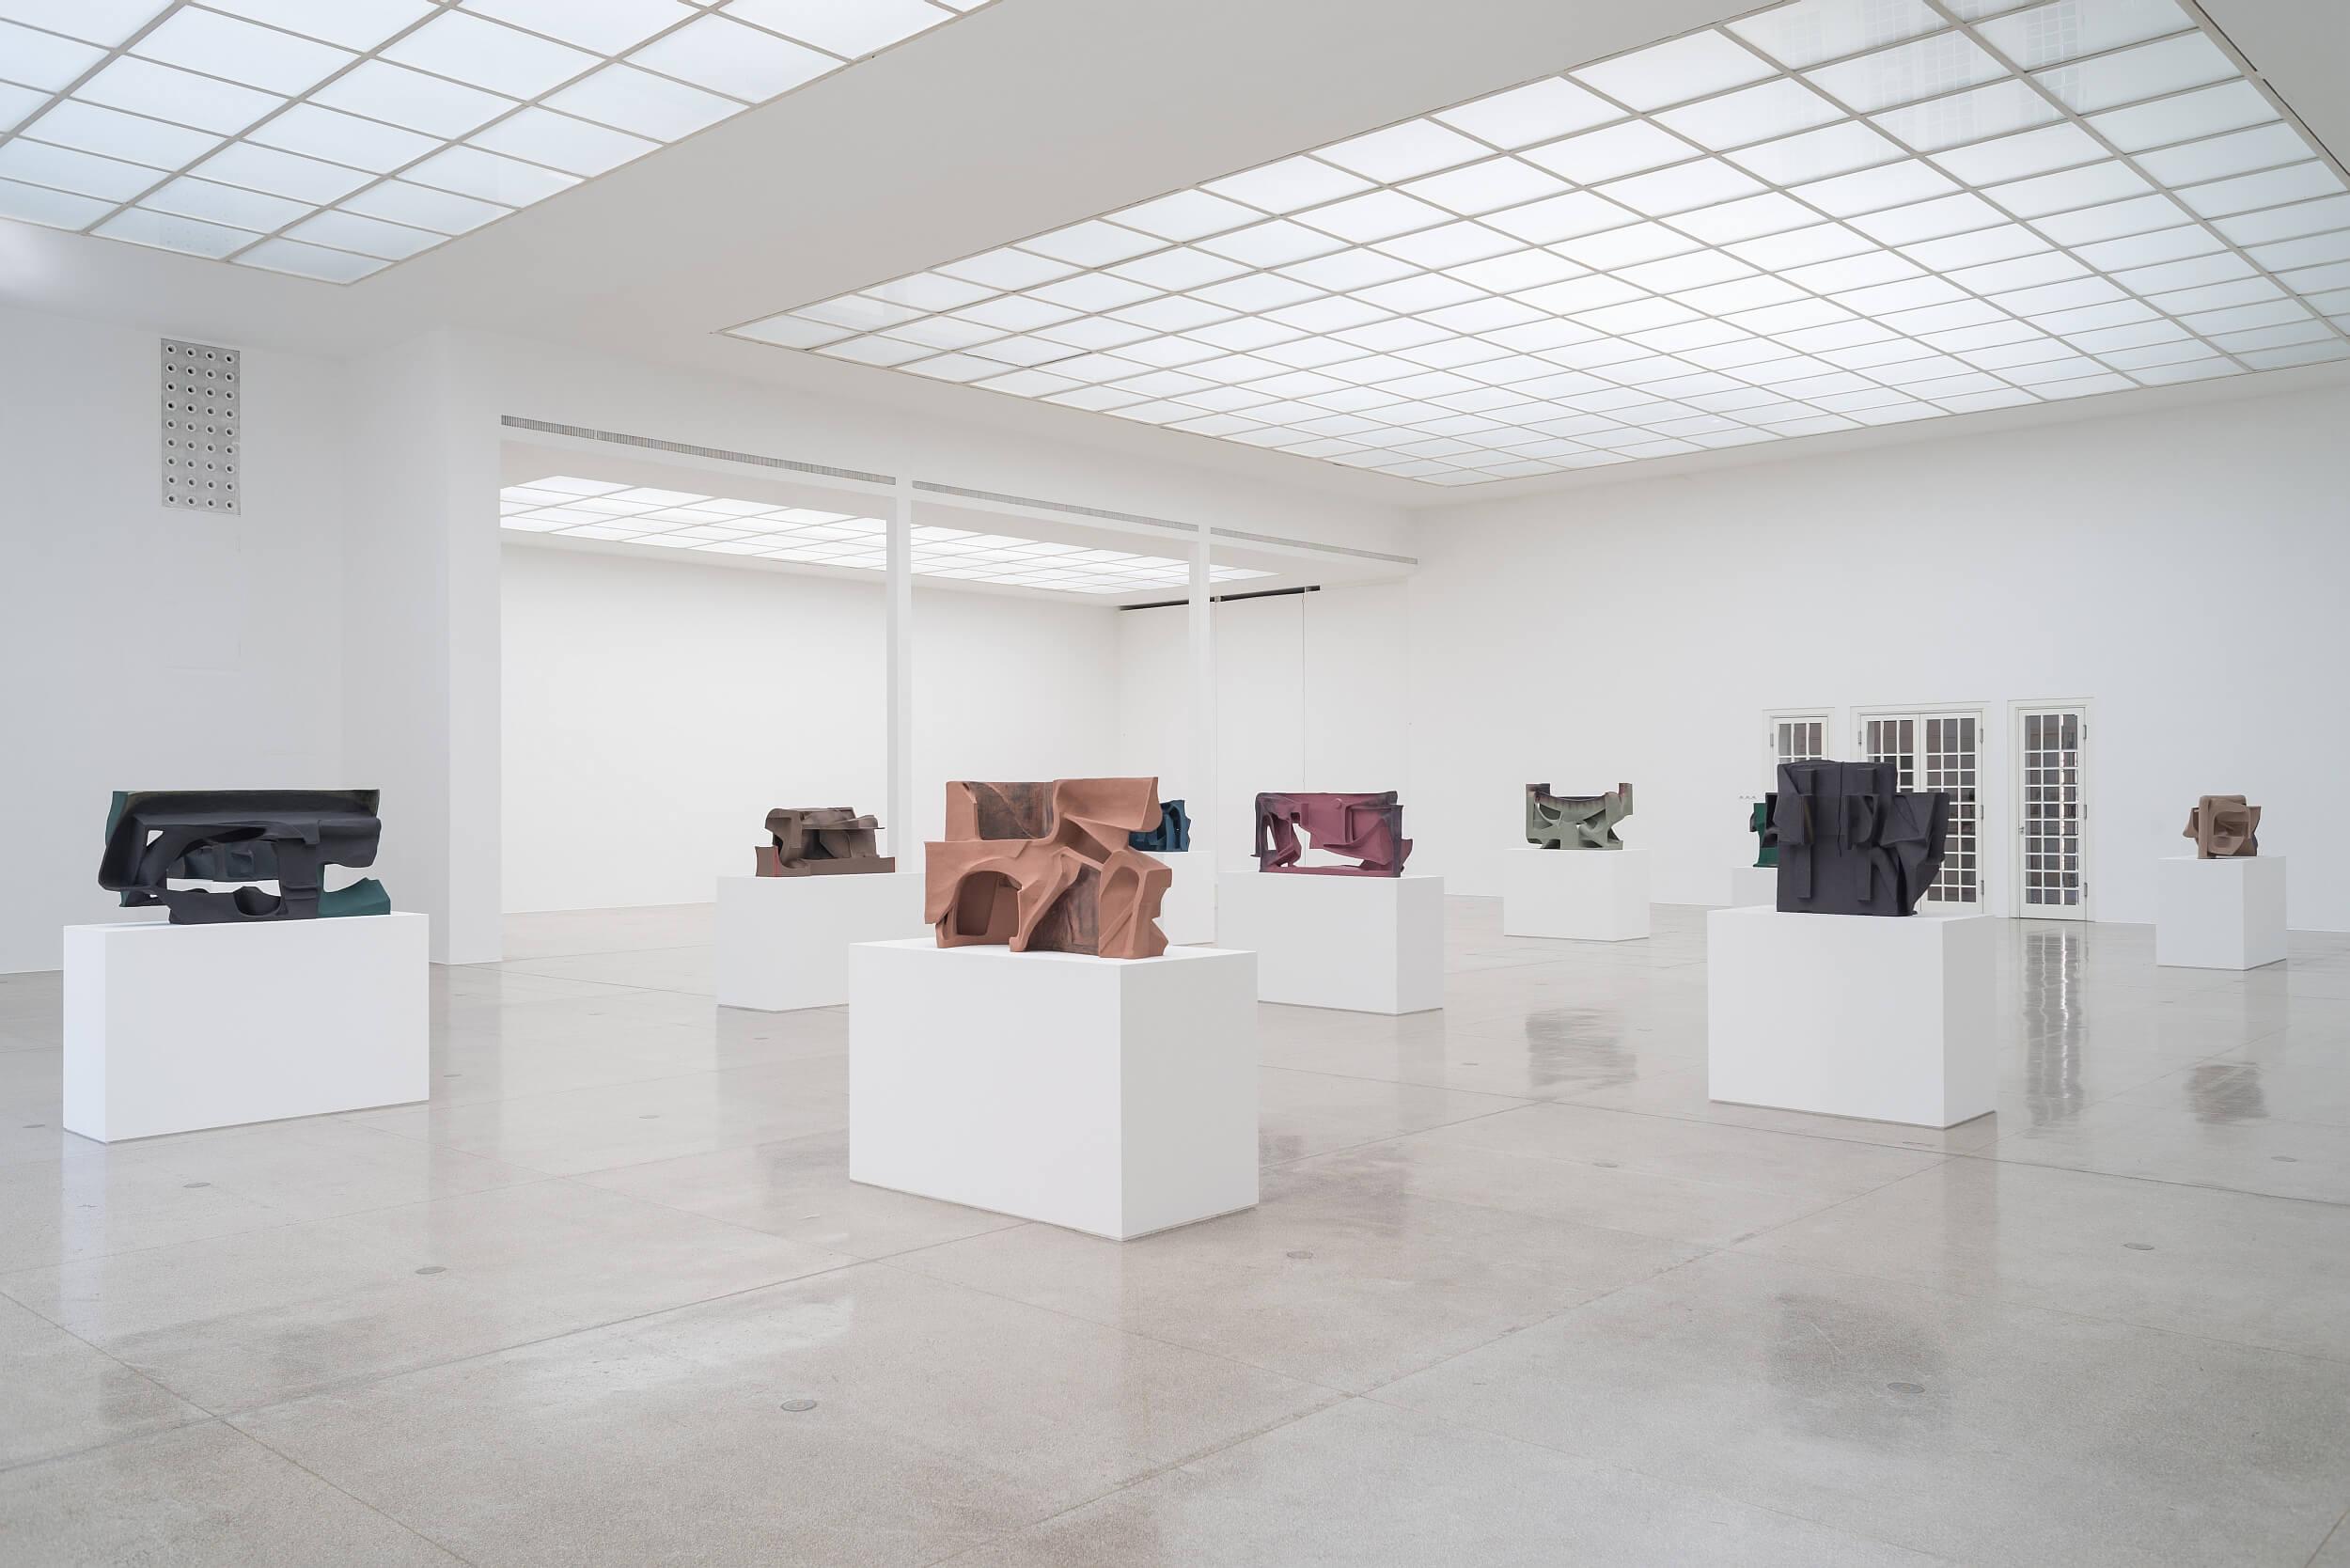 Vincent Fecteau, Ausstellungsansicht, Secession 2016, Foto: Hannes Böck.